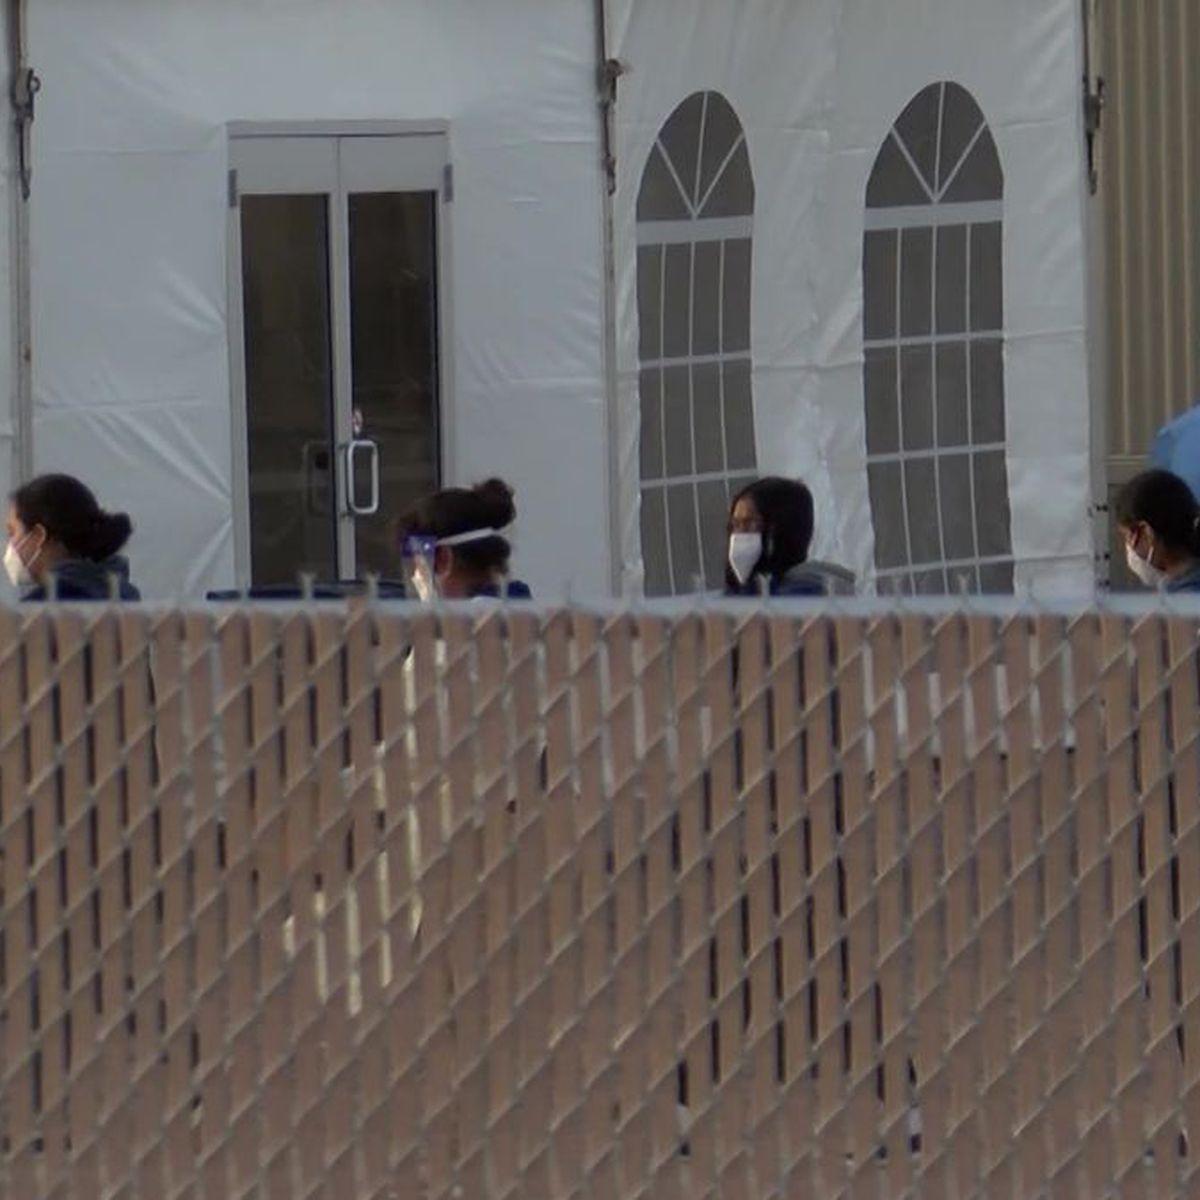 Se espera que la instalación para migrantes de Pecos albergue a 1,000 niños a fines de abril